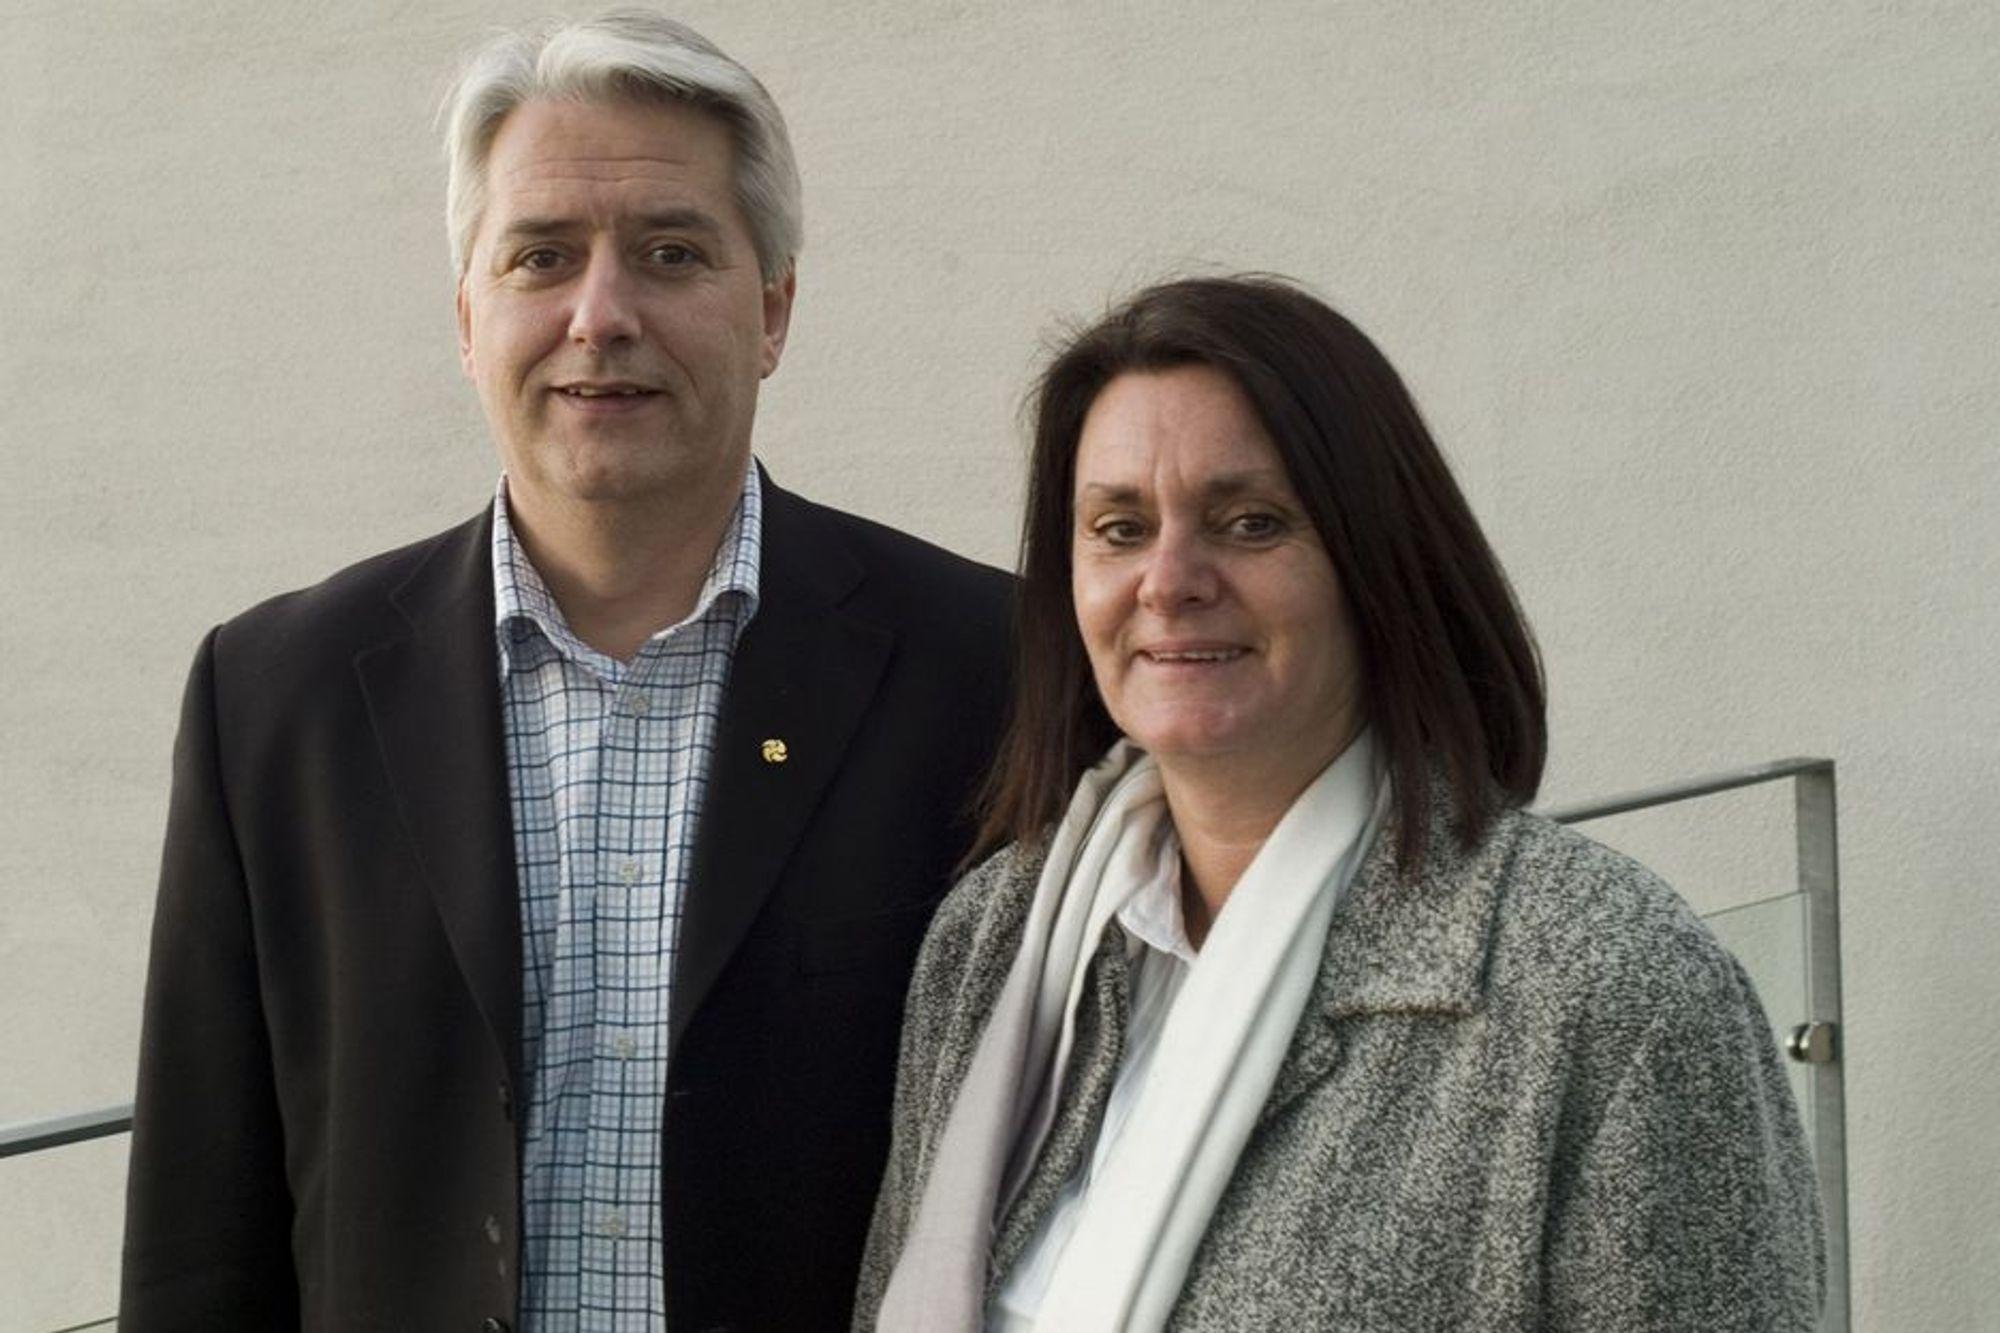 ¿ Vi skal være synlige i Bergens-området, derfor har Wärtsiläkonsernet etablert seg med eget kontor i byen, sier de to kundeansvarlige i Wärtsilä, Roy Storeng og Deanne Fossedal. De er begge på plass i nye kontorer på Skolten i Bergen.